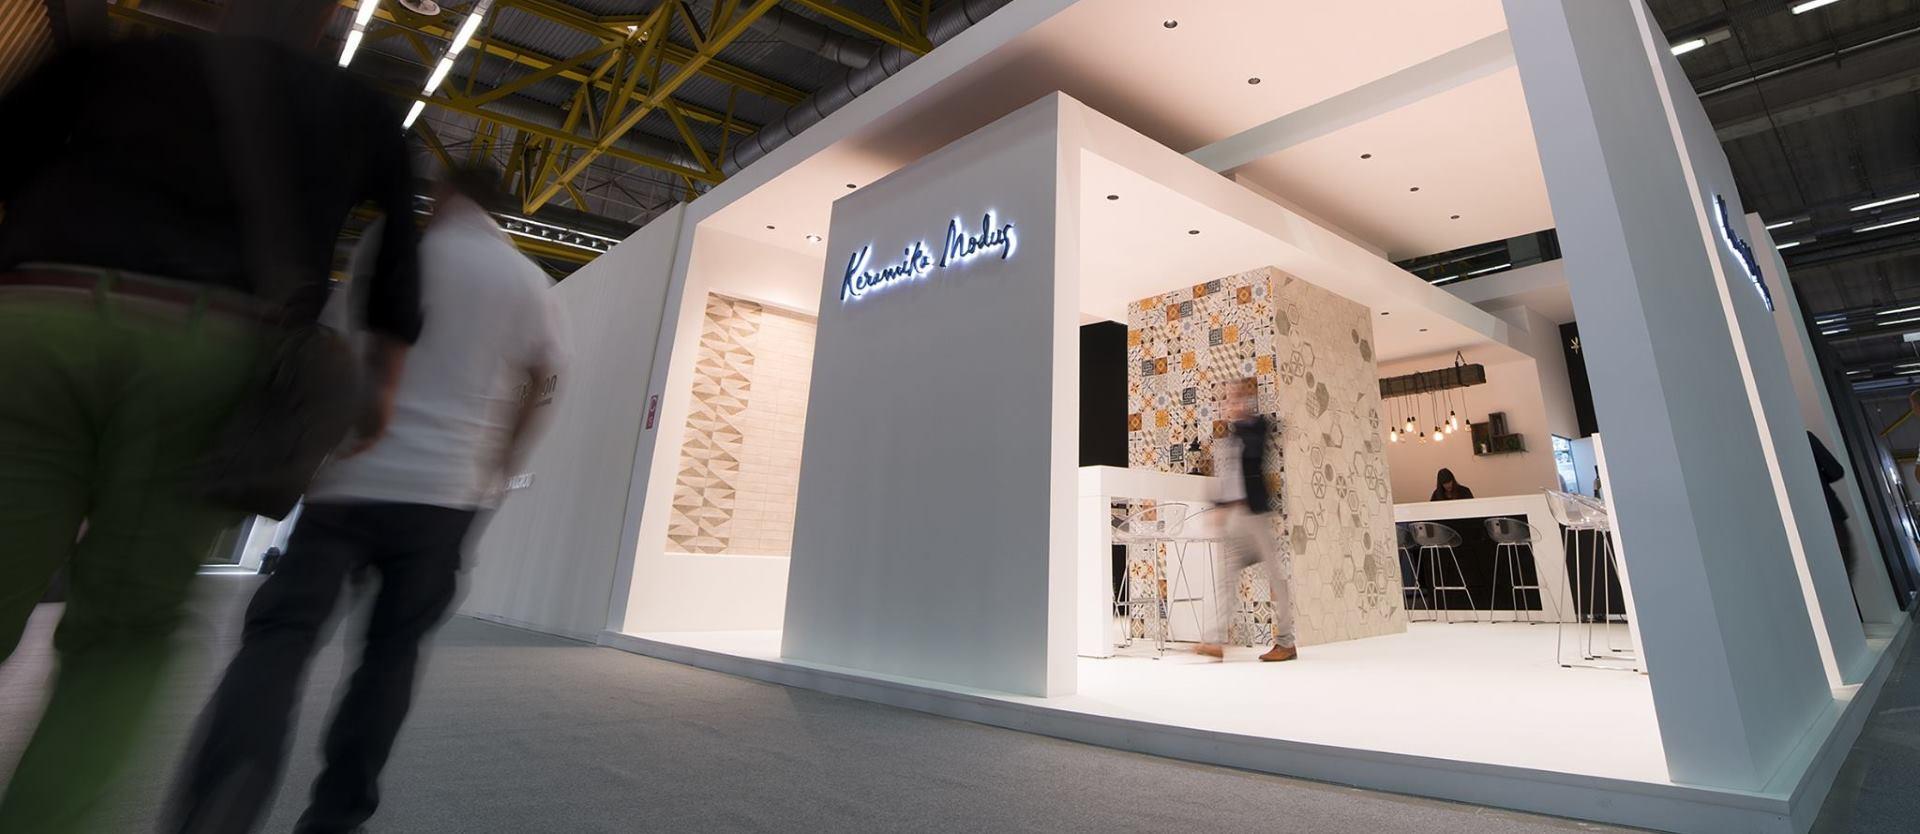 CERSAIE 2016 Keramika Modus iz Orahovice predstavila nove kolekcije kao jedini hrvatski i najveći regionalni proizvođač